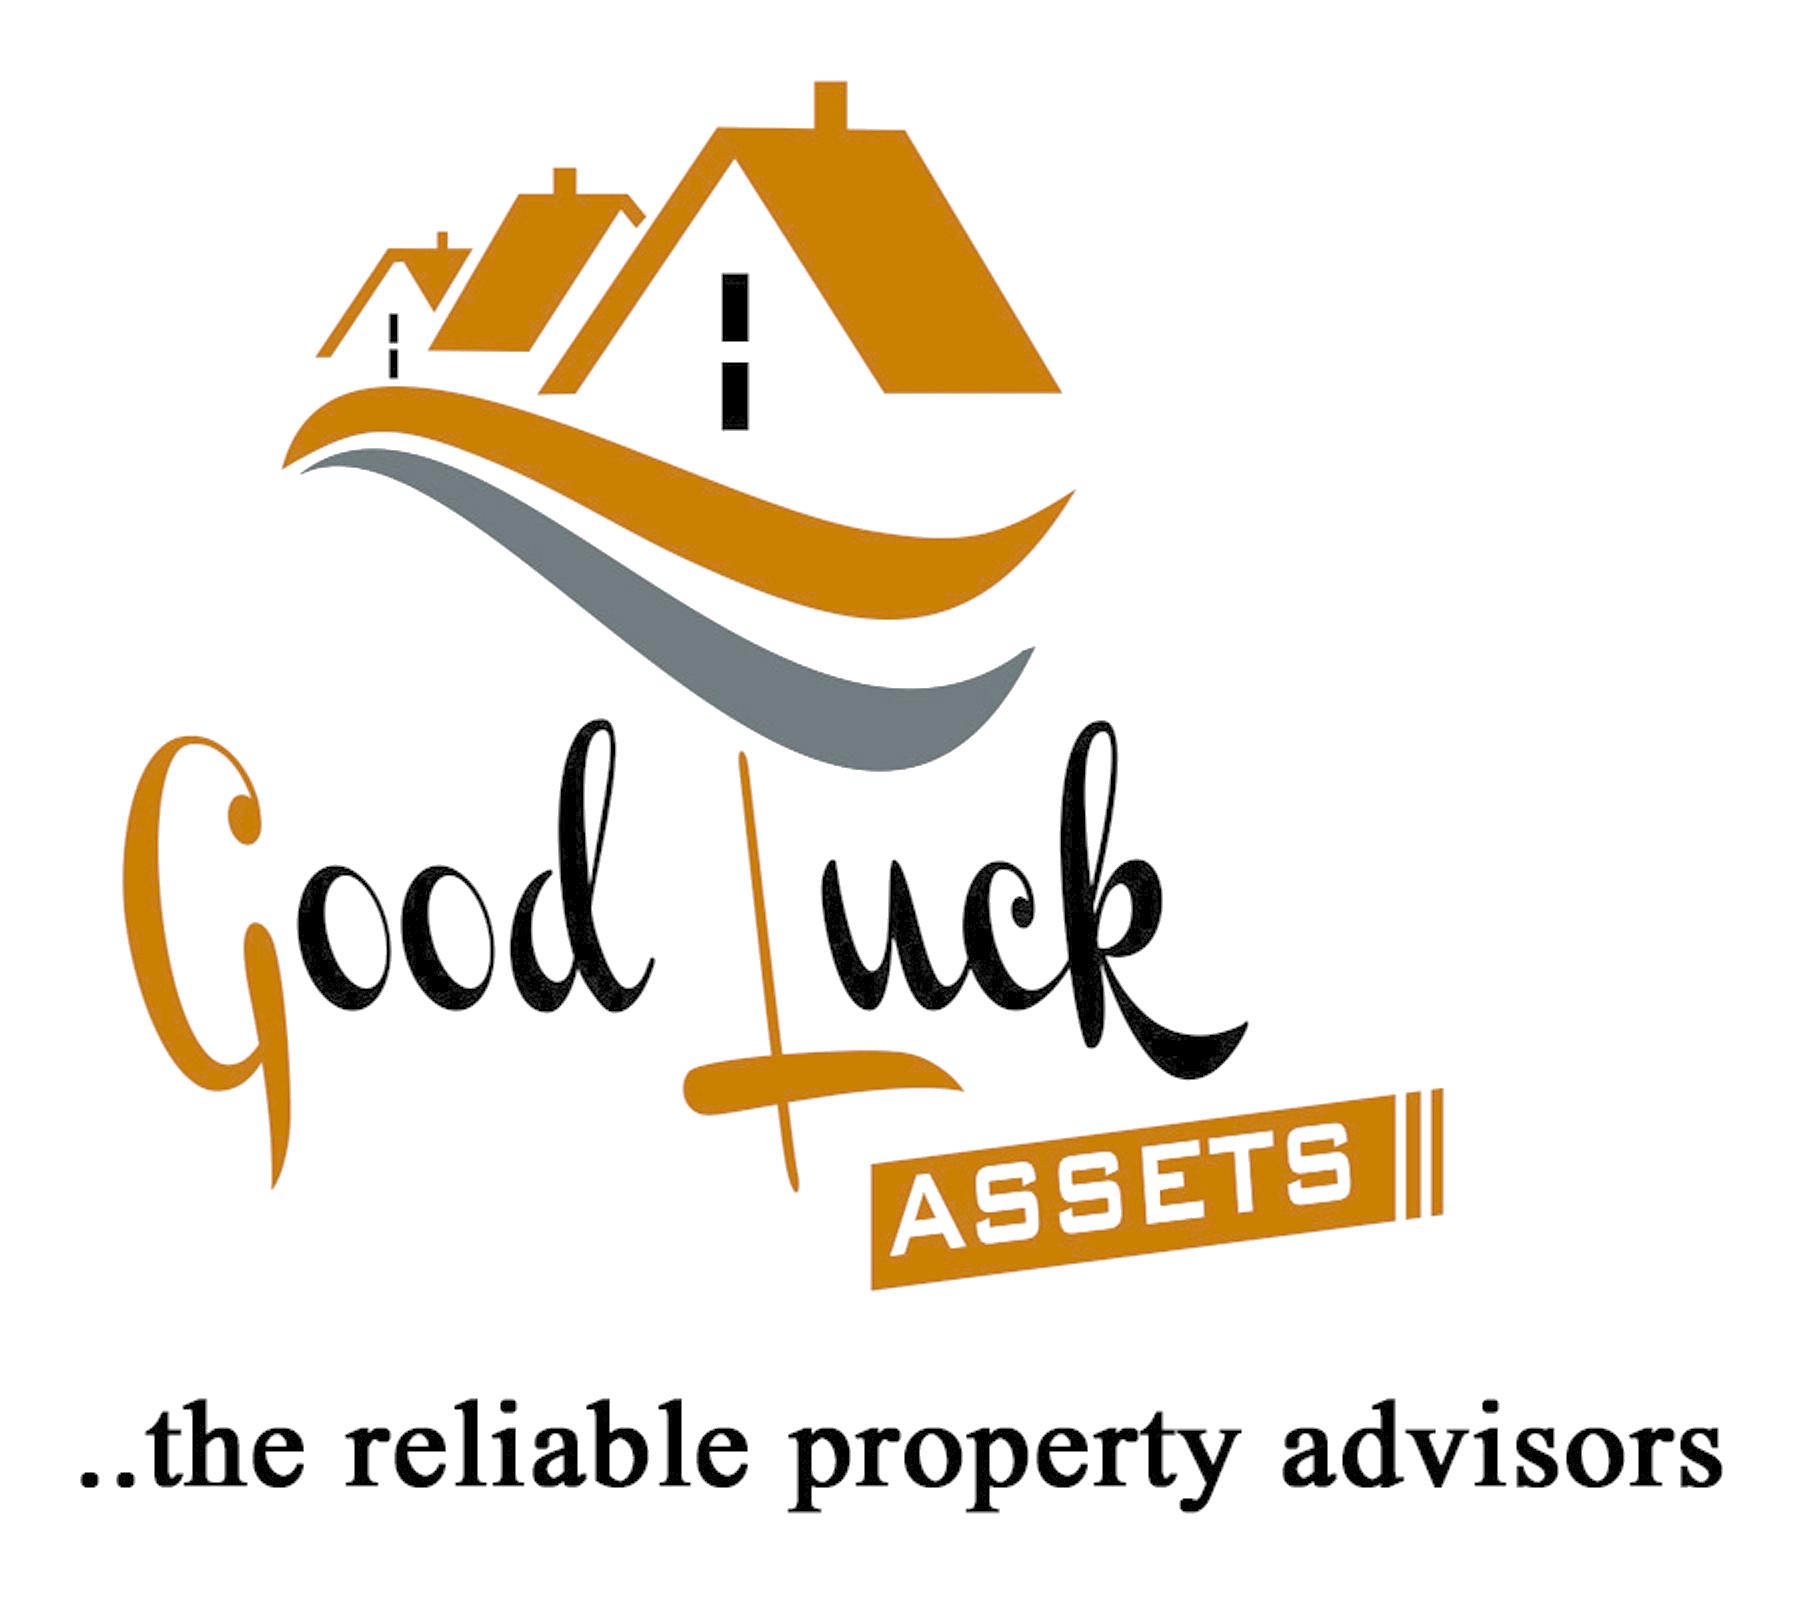 Good Luck Assets Pvt Ltd